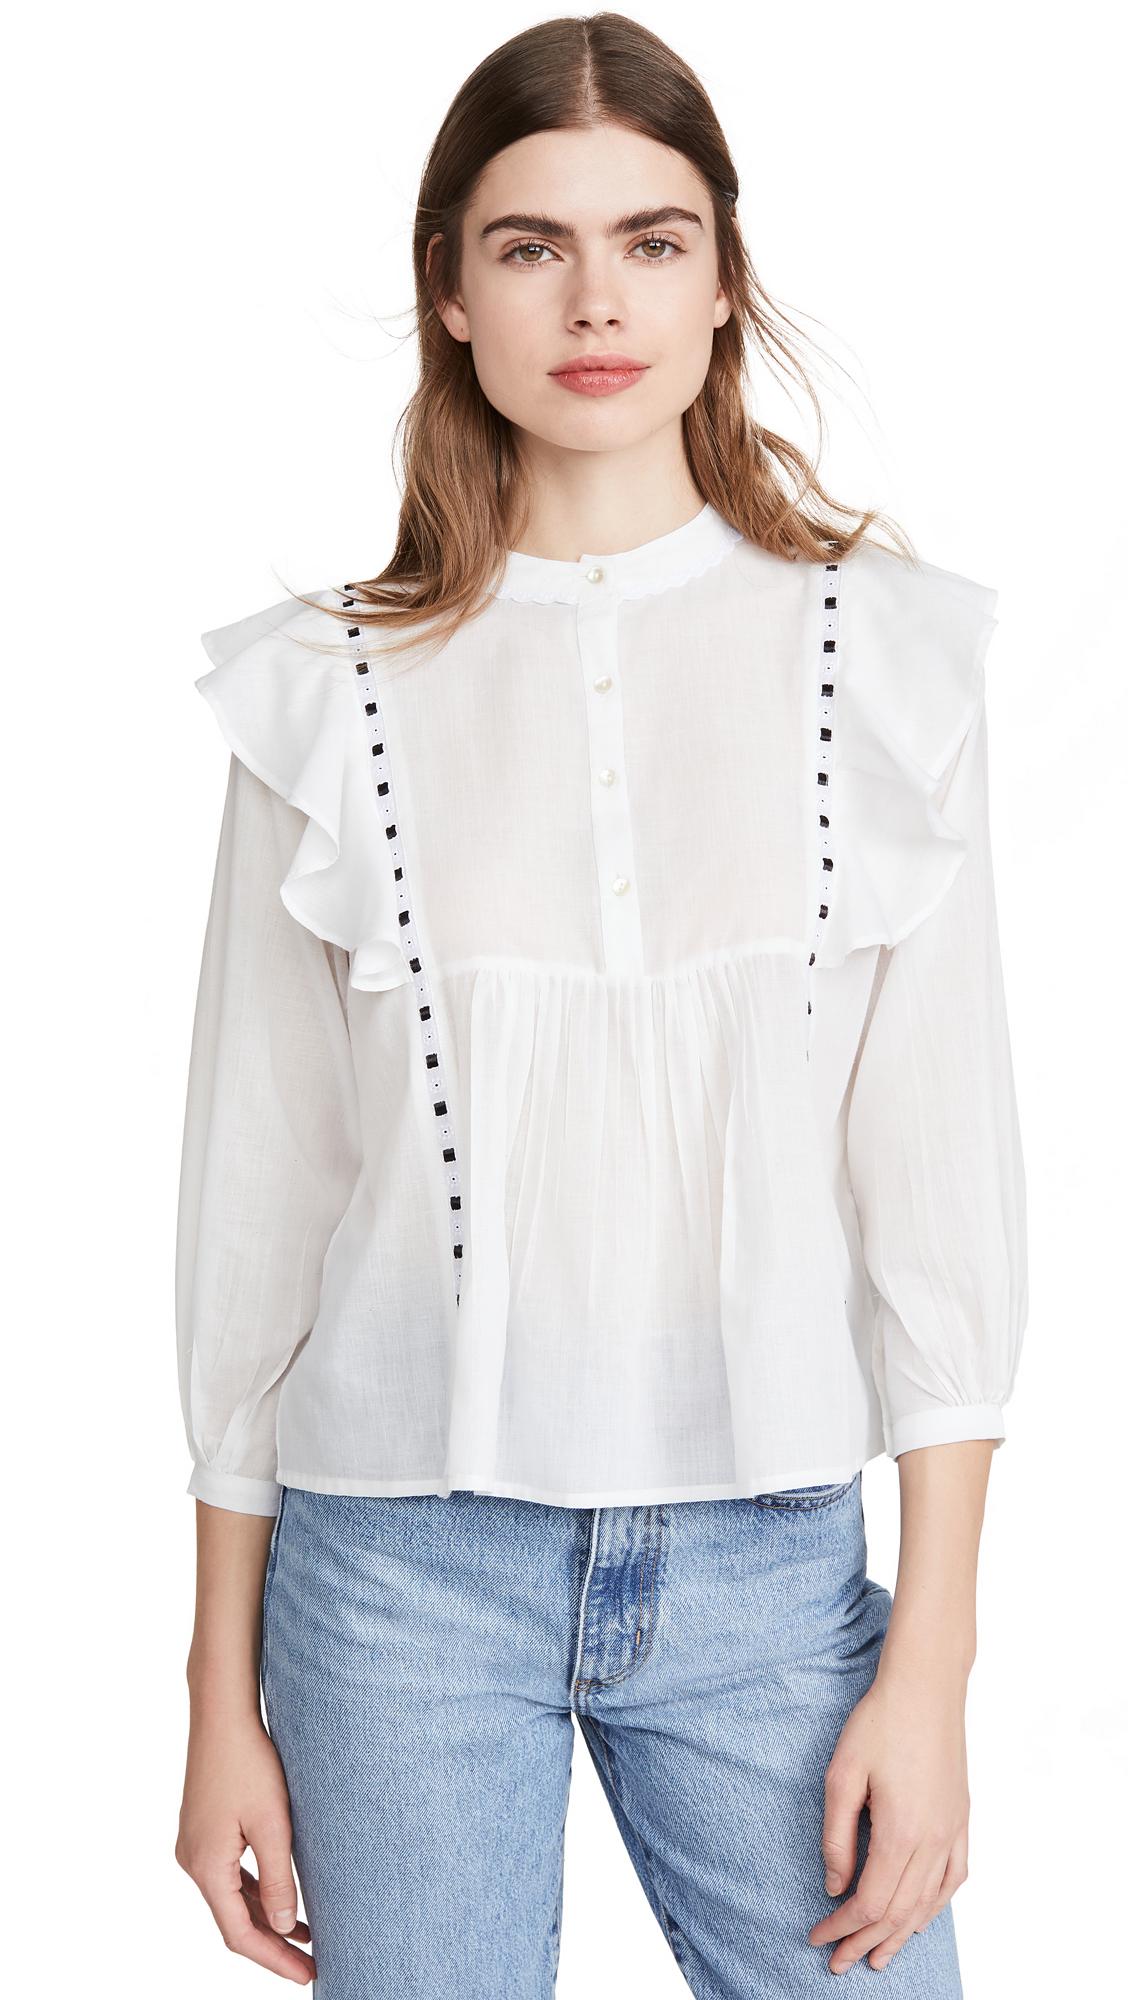 Alix of Bohemia June Ruffle & Ribbon Shirt - 50% Off Sale